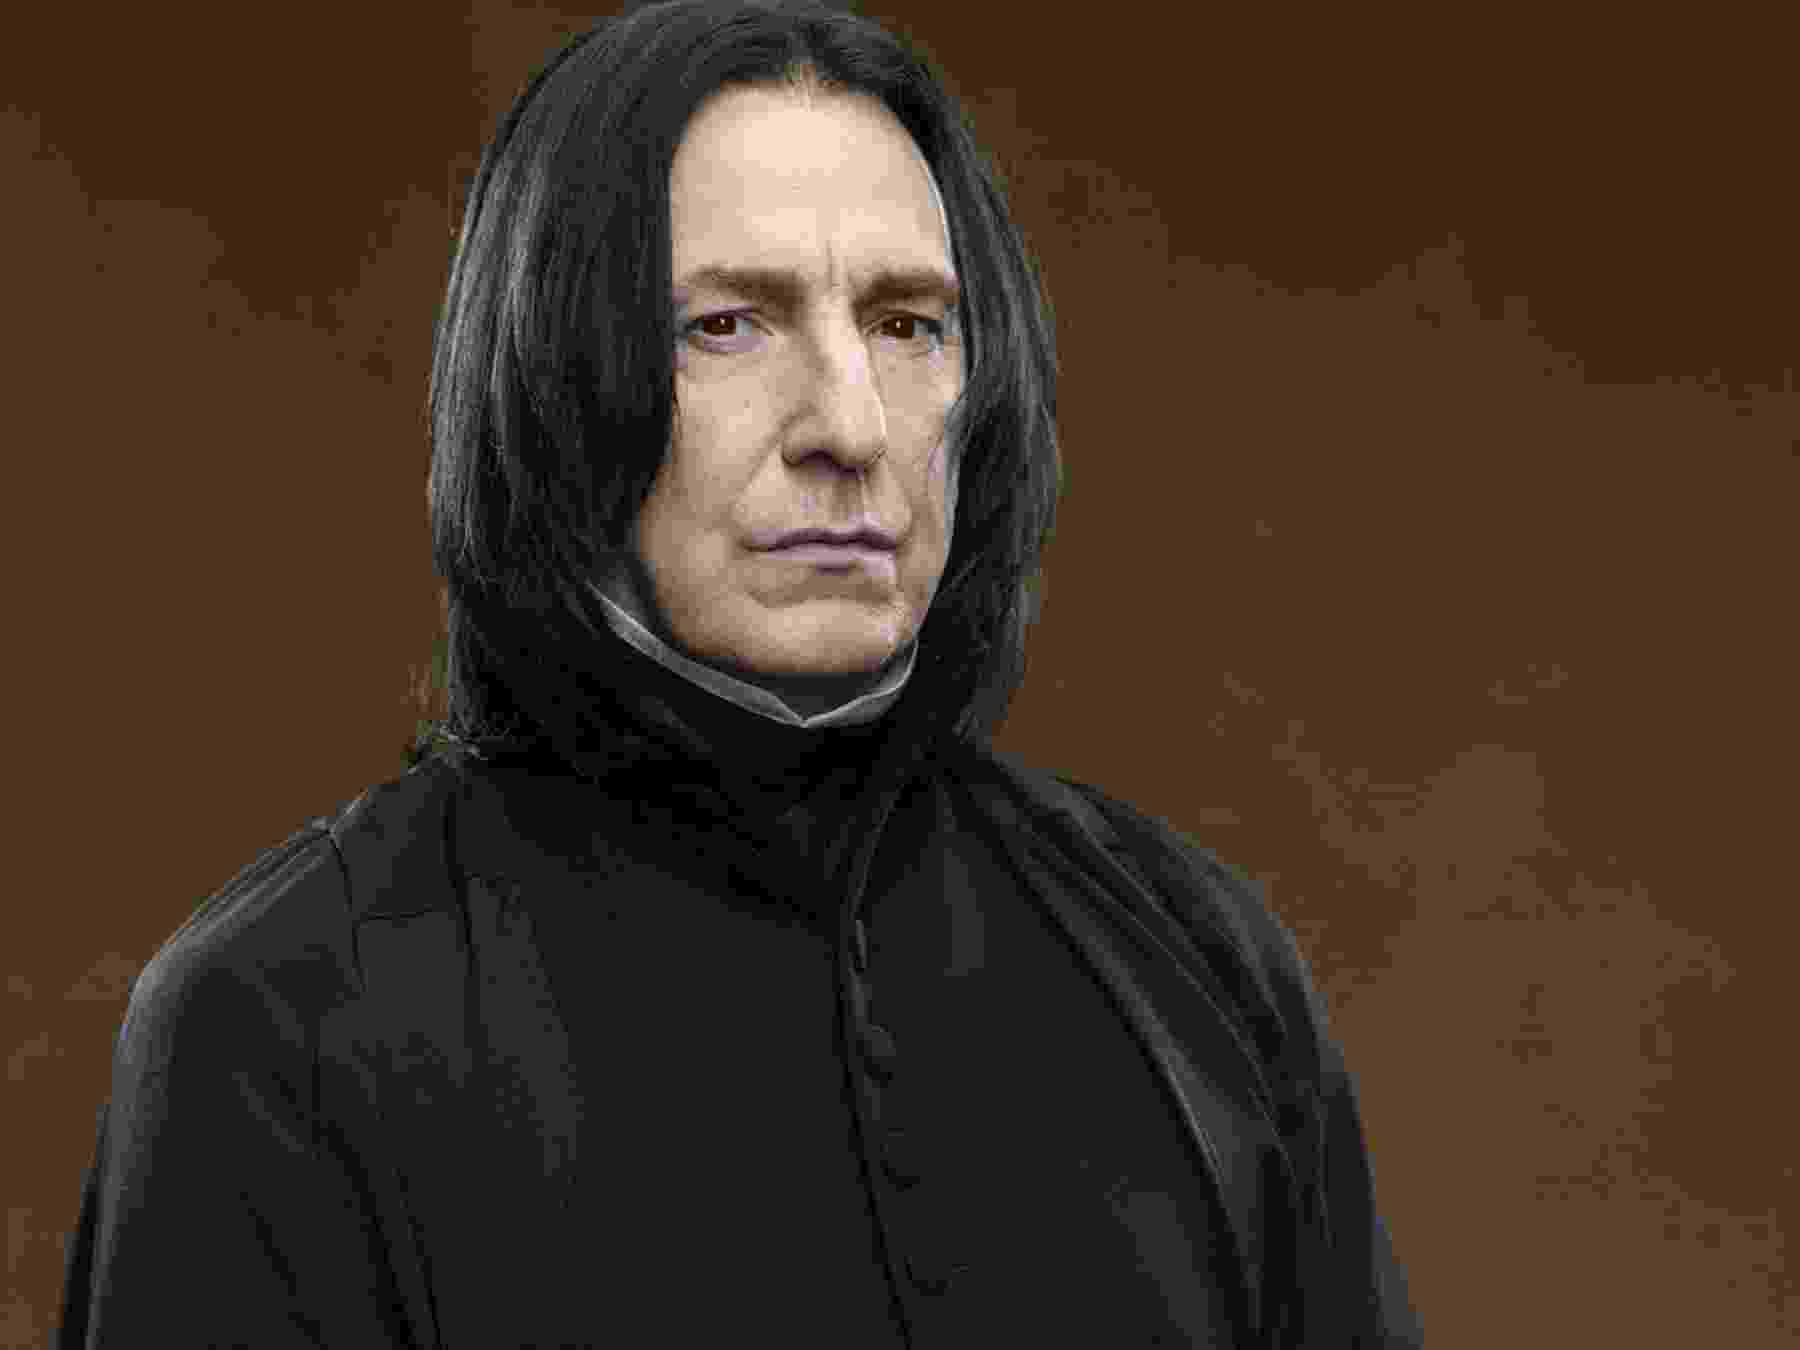 """14.jan.2016 - O ator britânico Alan Rickman, mais conhecido por ter vivido o professor Snape na saga """"Harry Potter"""", morreu em Londres, aos 69 anos. O ator tinha câncer e a morte foi confirmada pela família nesta quinta-feira (14). - Reproduçao"""